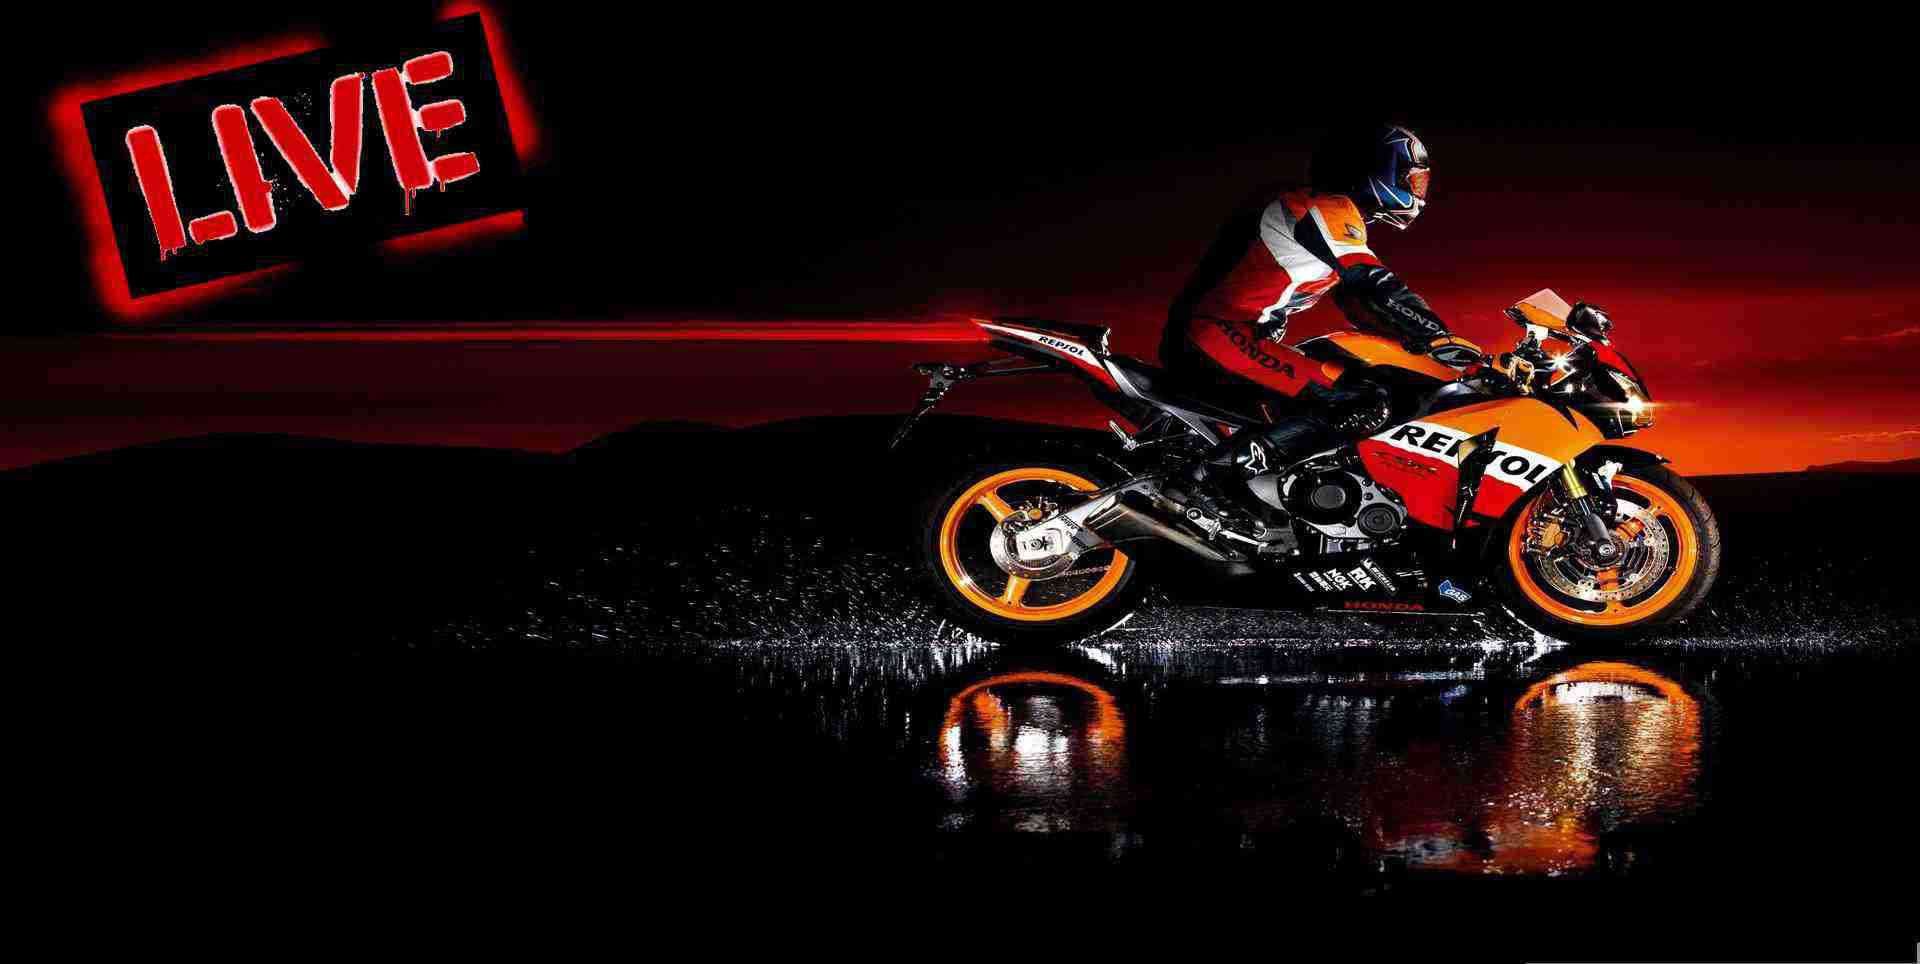 2015-motorrad-grand-prix-deutschland-live